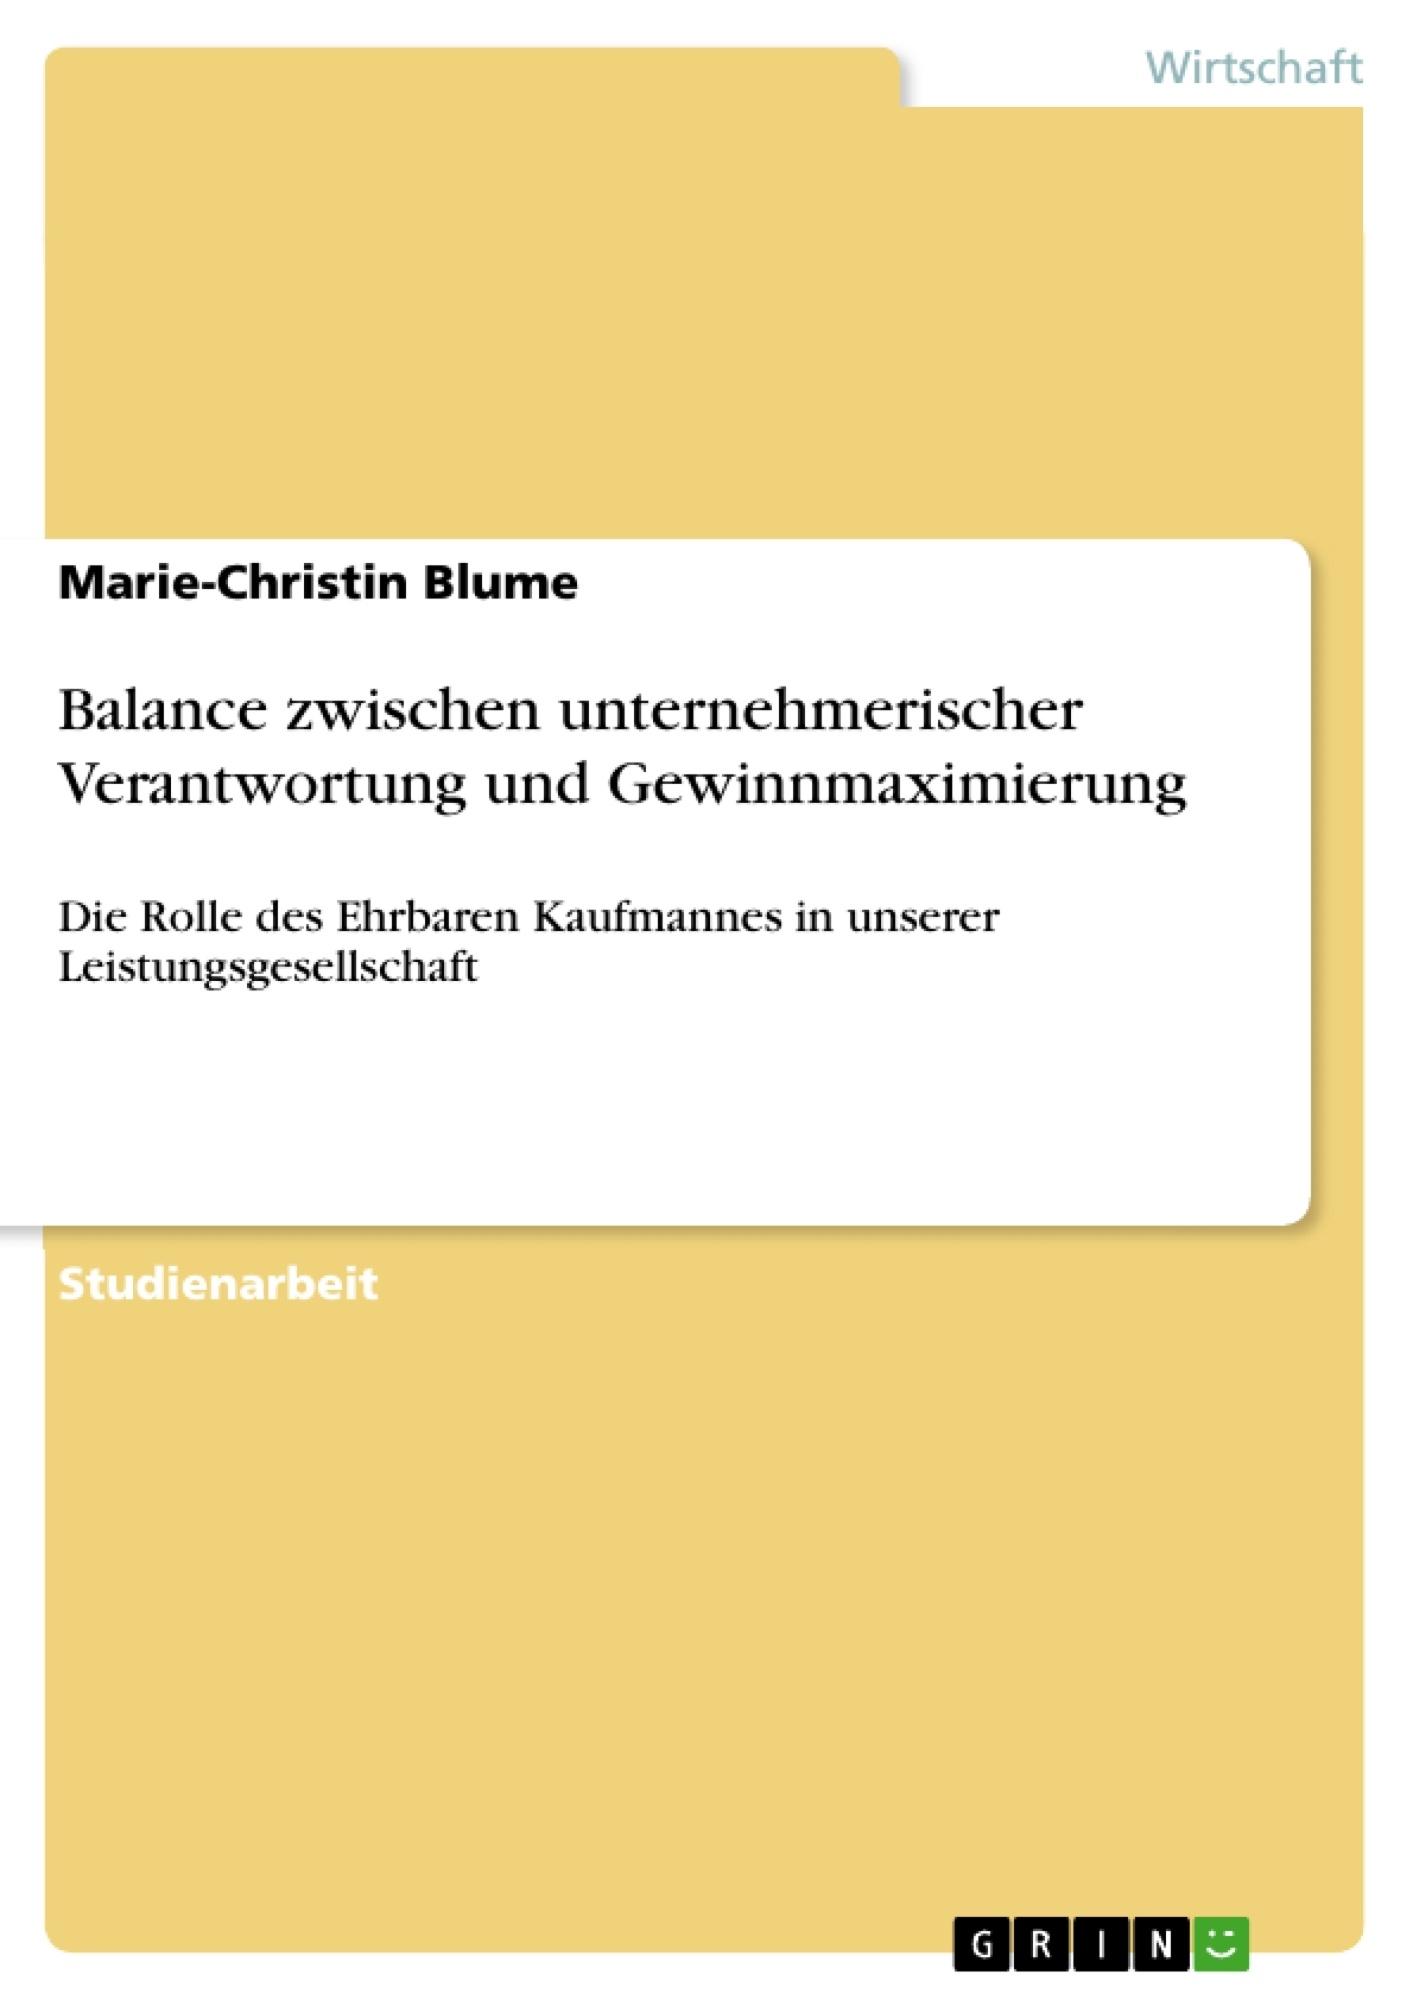 Titel: Balance zwischen unternehmerischer Verantwortung und Gewinnmaximierung